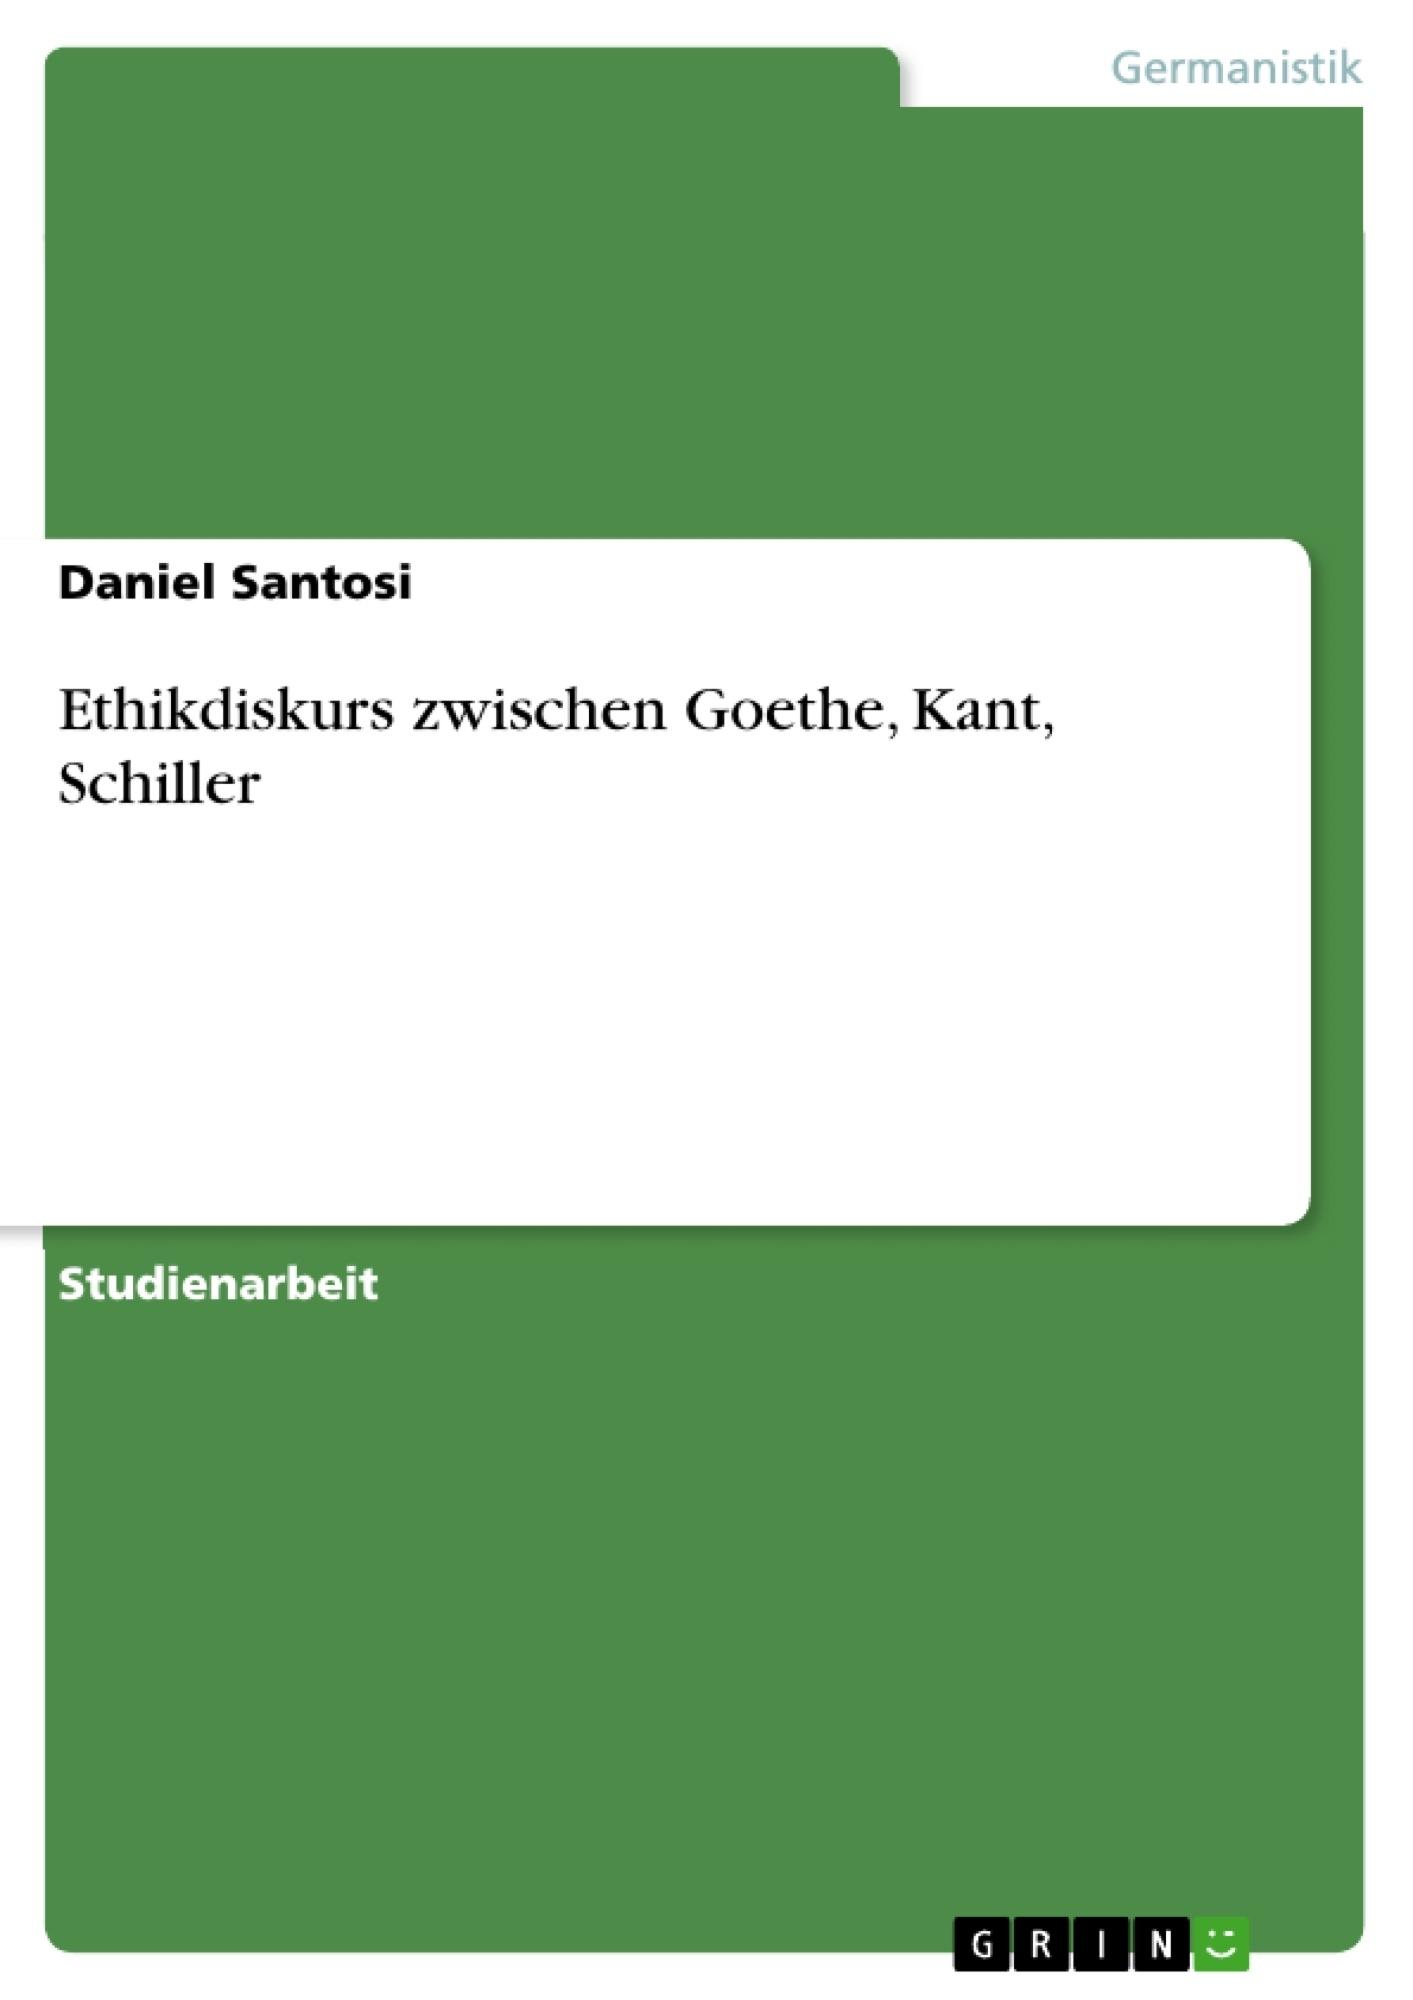 Titel: Ethikdiskurs zwischen Goethe, Kant, Schiller